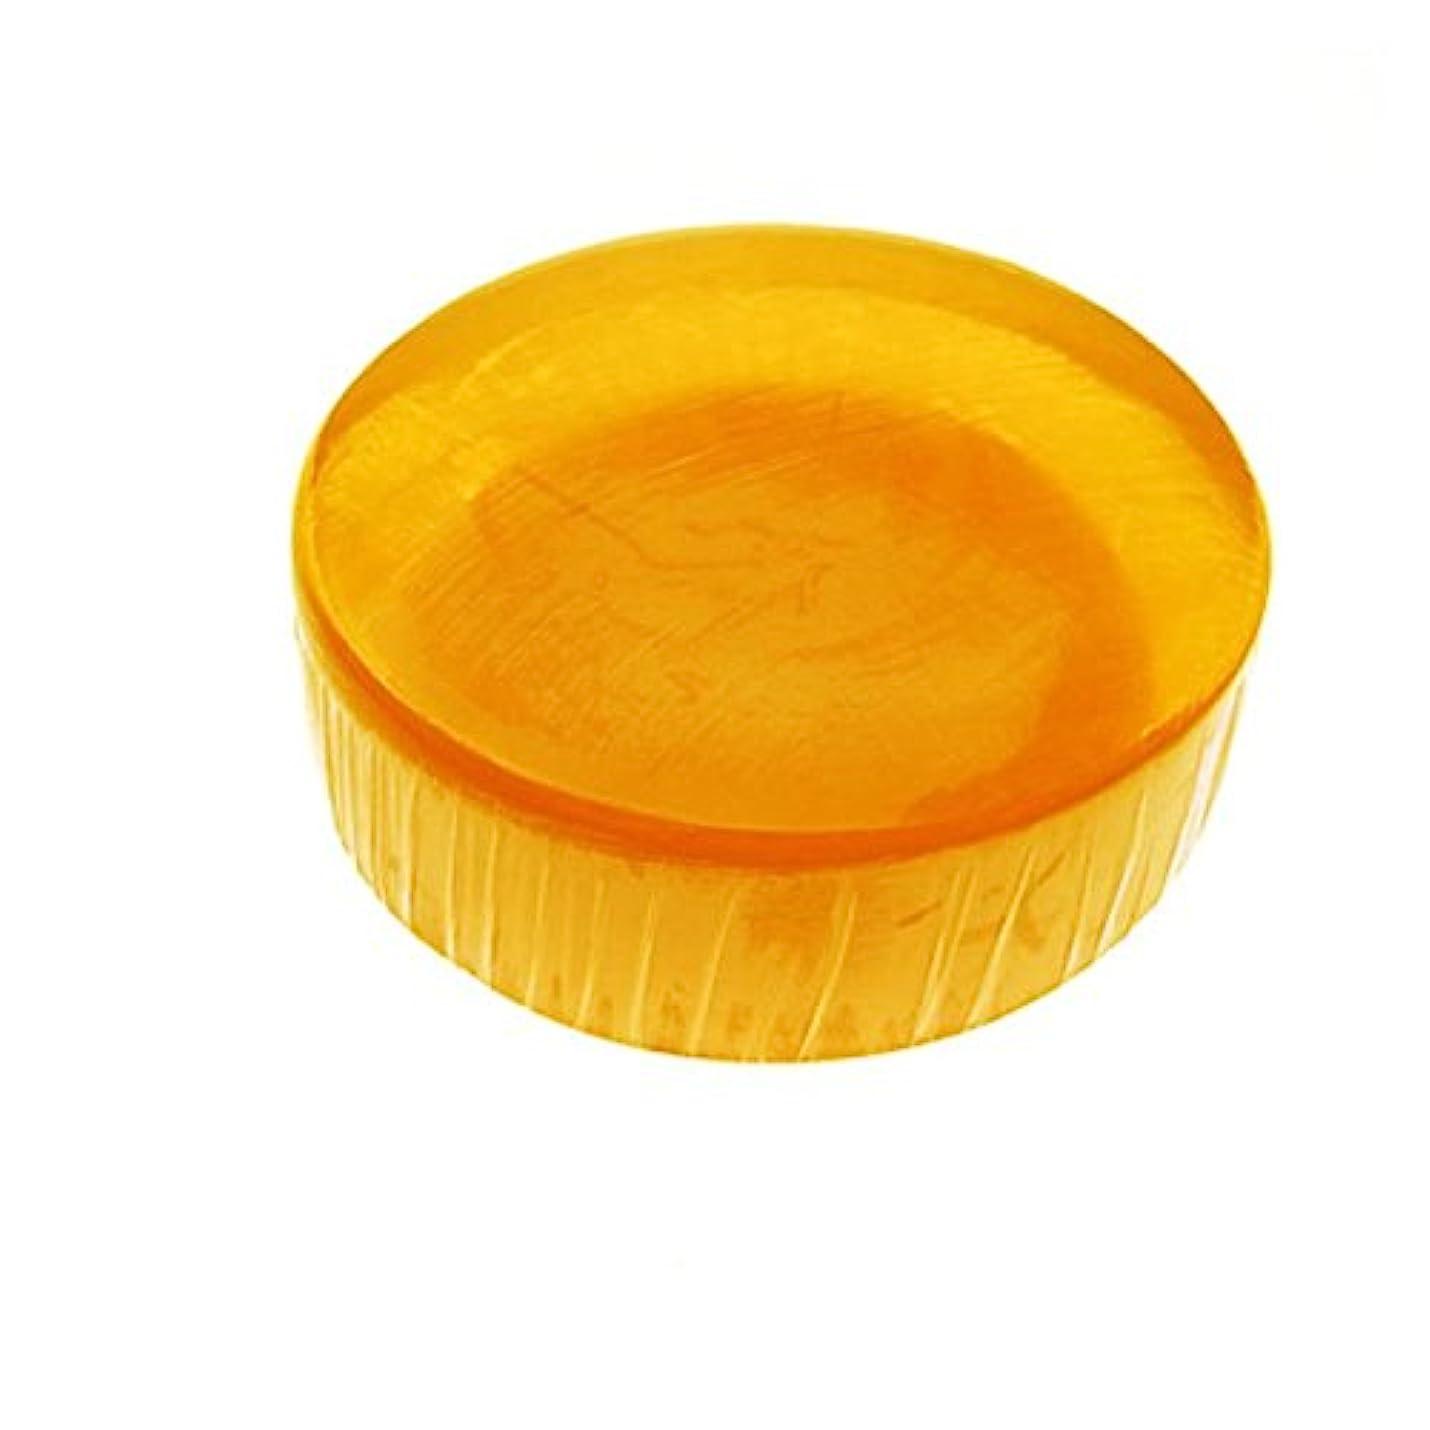 陸軍しばしば原始的な瑚泡美肌ハチミツ石けん100g